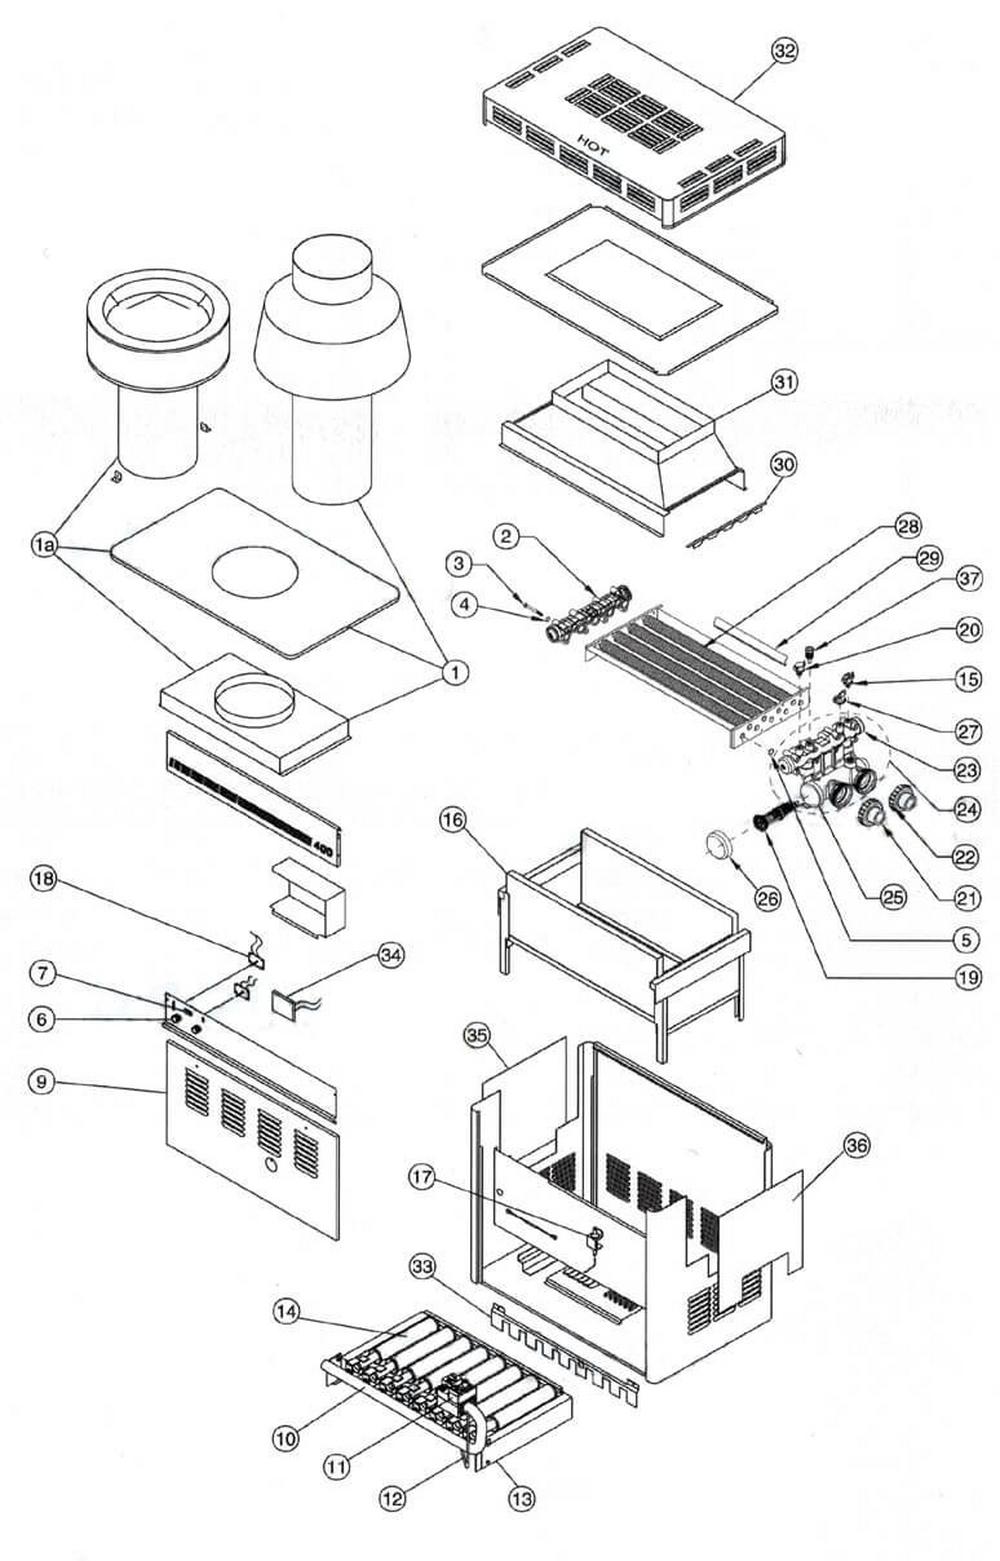 Purex Minimax CH Heater Page 1 image